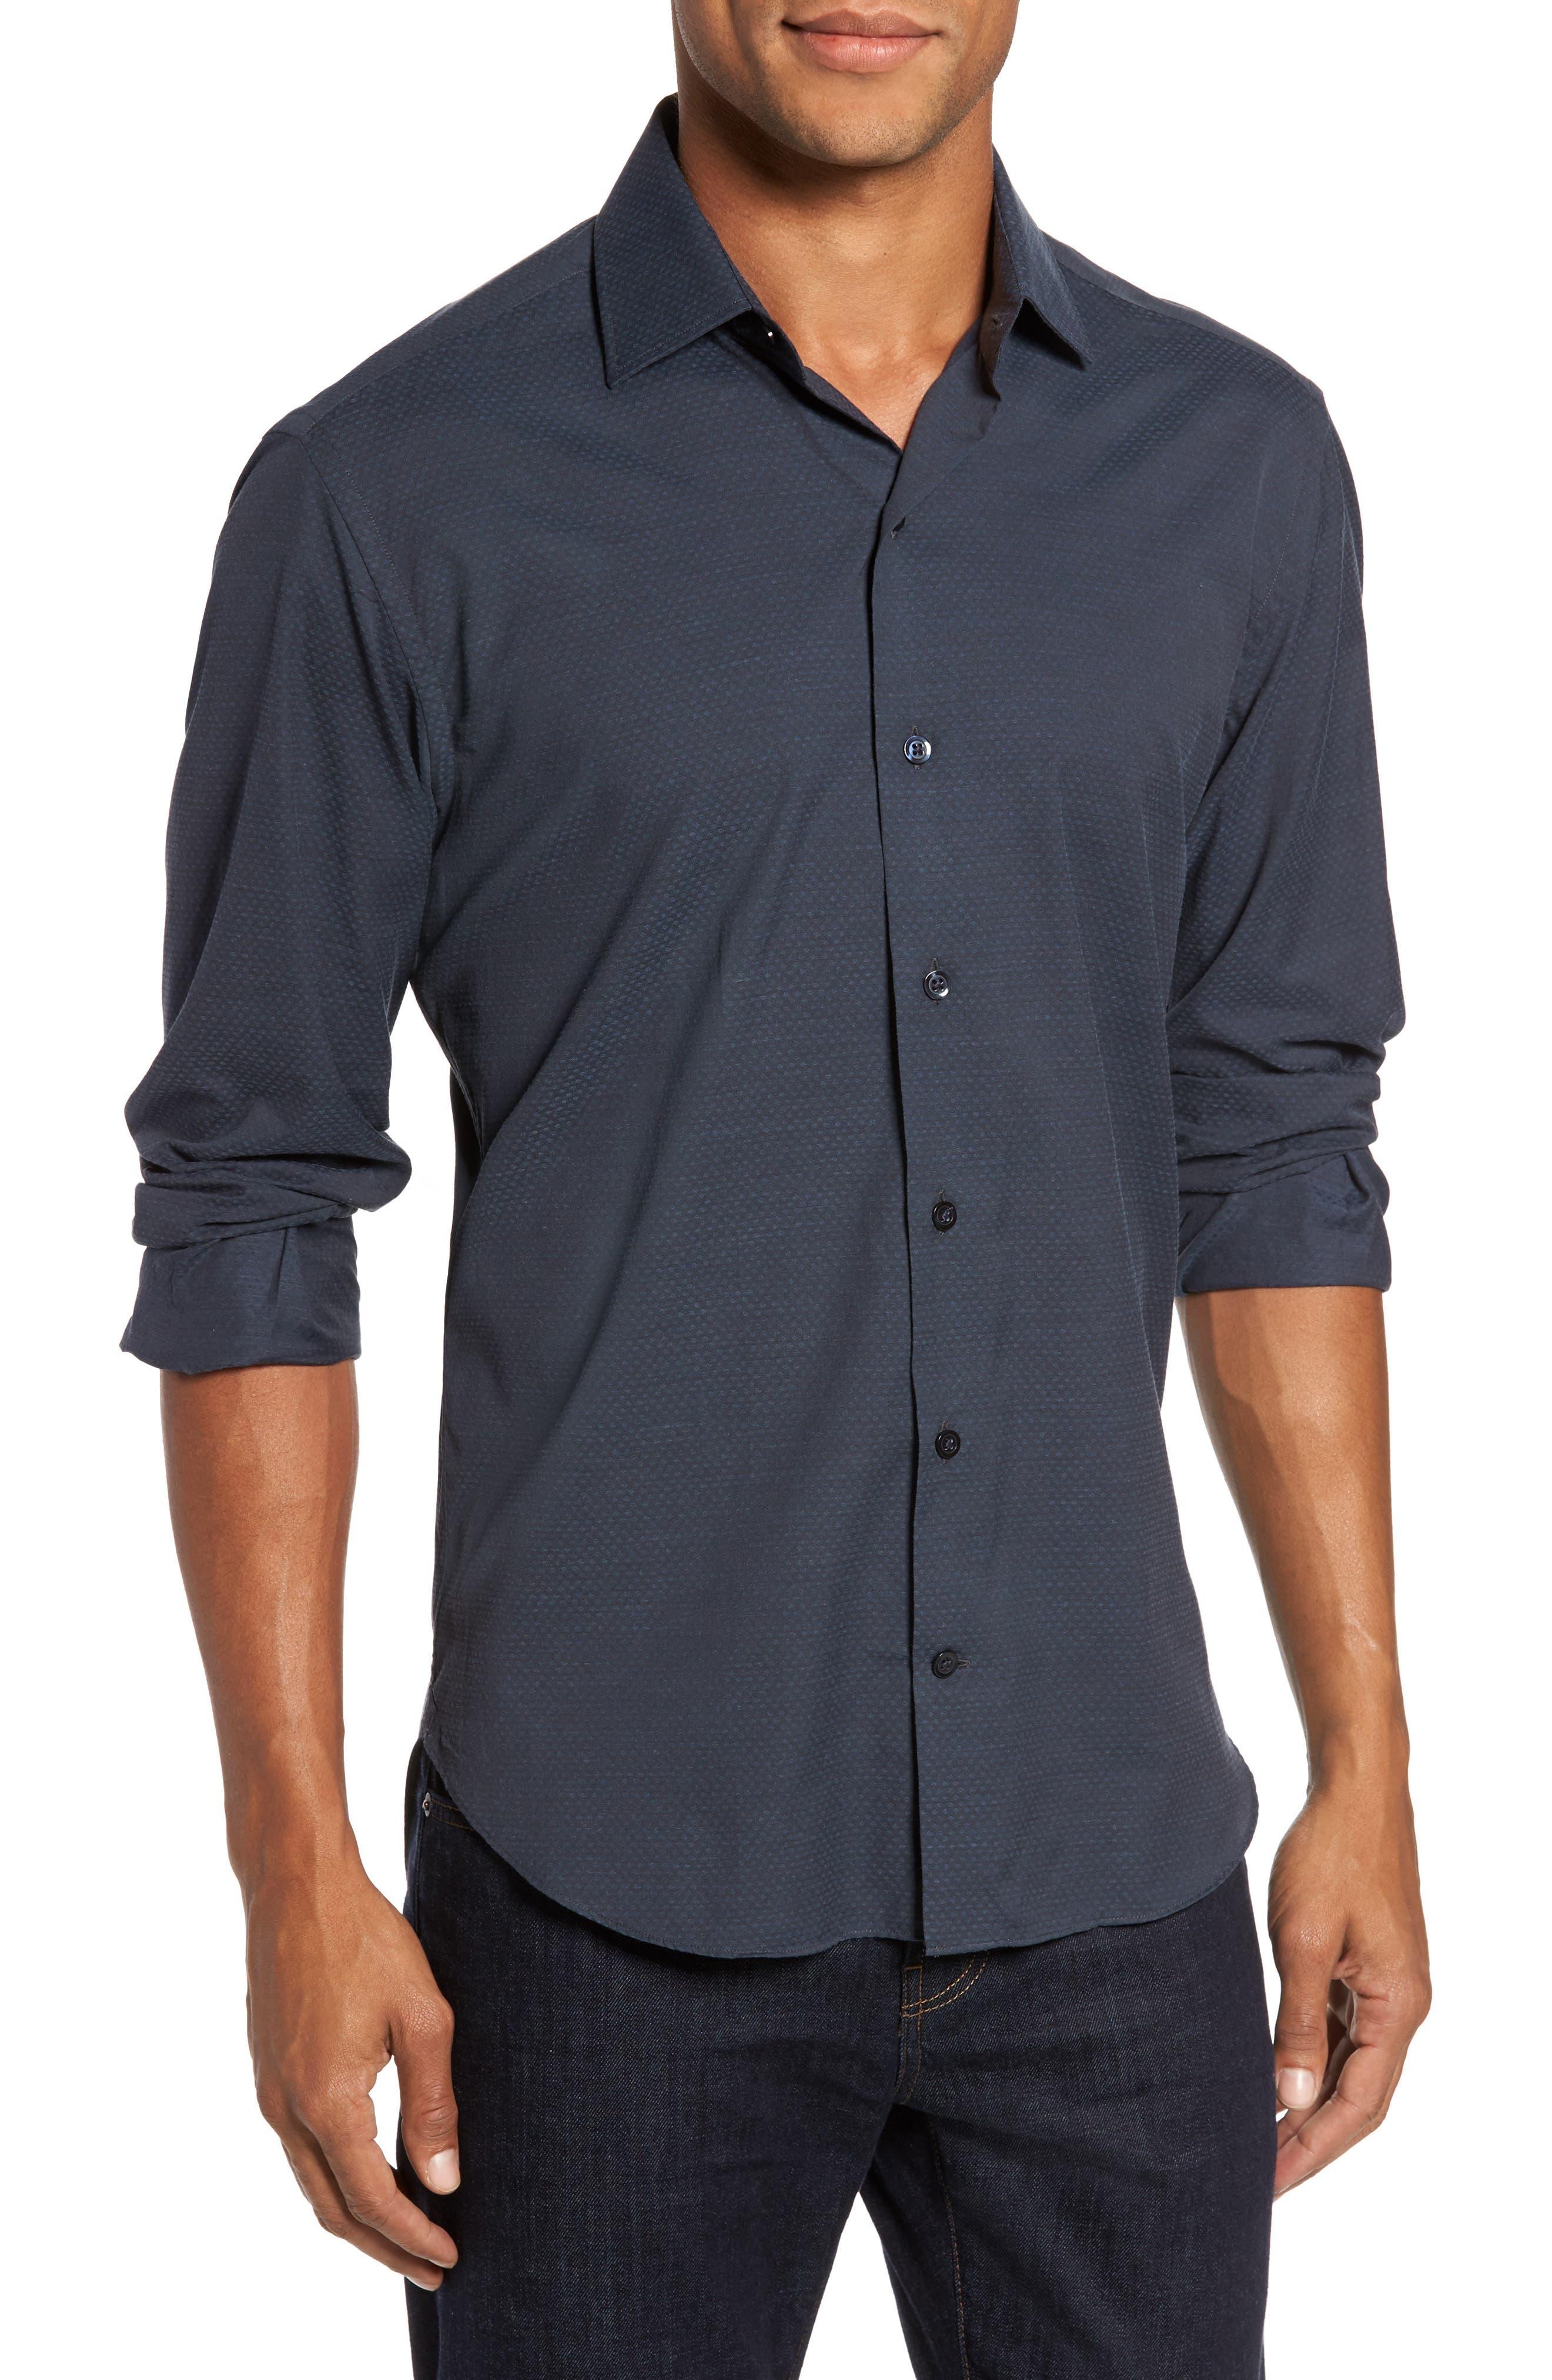 Alternate Image 1 Selected - Culturata Trim Fit Print Sport Shirt